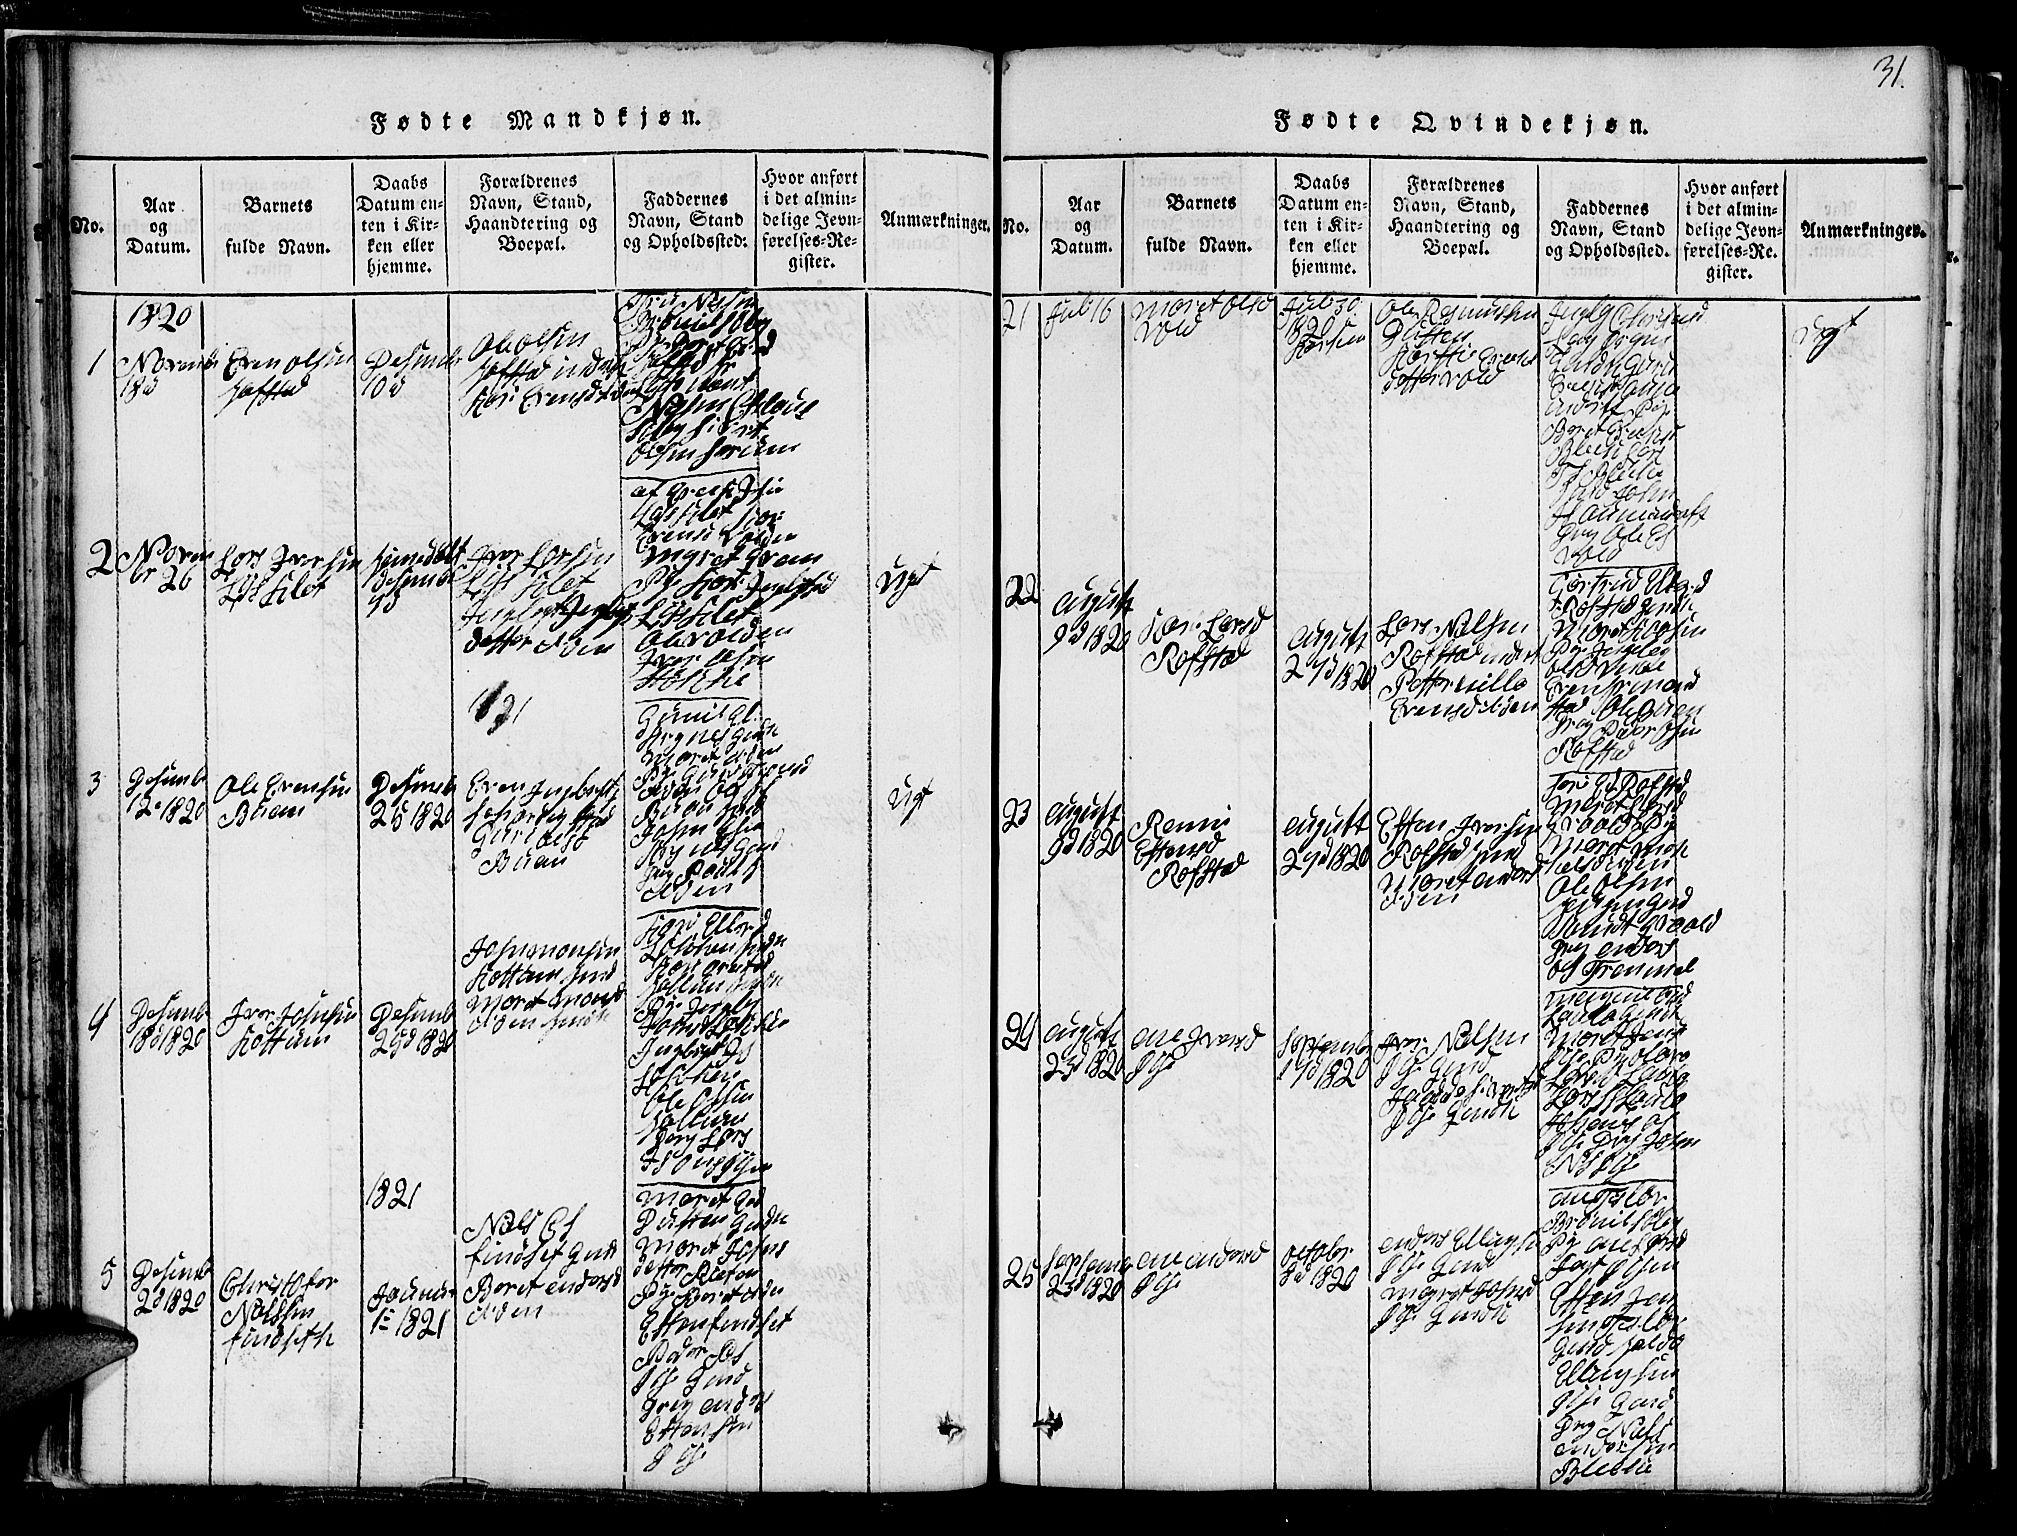 SAT, Ministerialprotokoller, klokkerbøker og fødselsregistre - Sør-Trøndelag, 691/L1092: Klokkerbok nr. 691C03, 1816-1852, s. 31